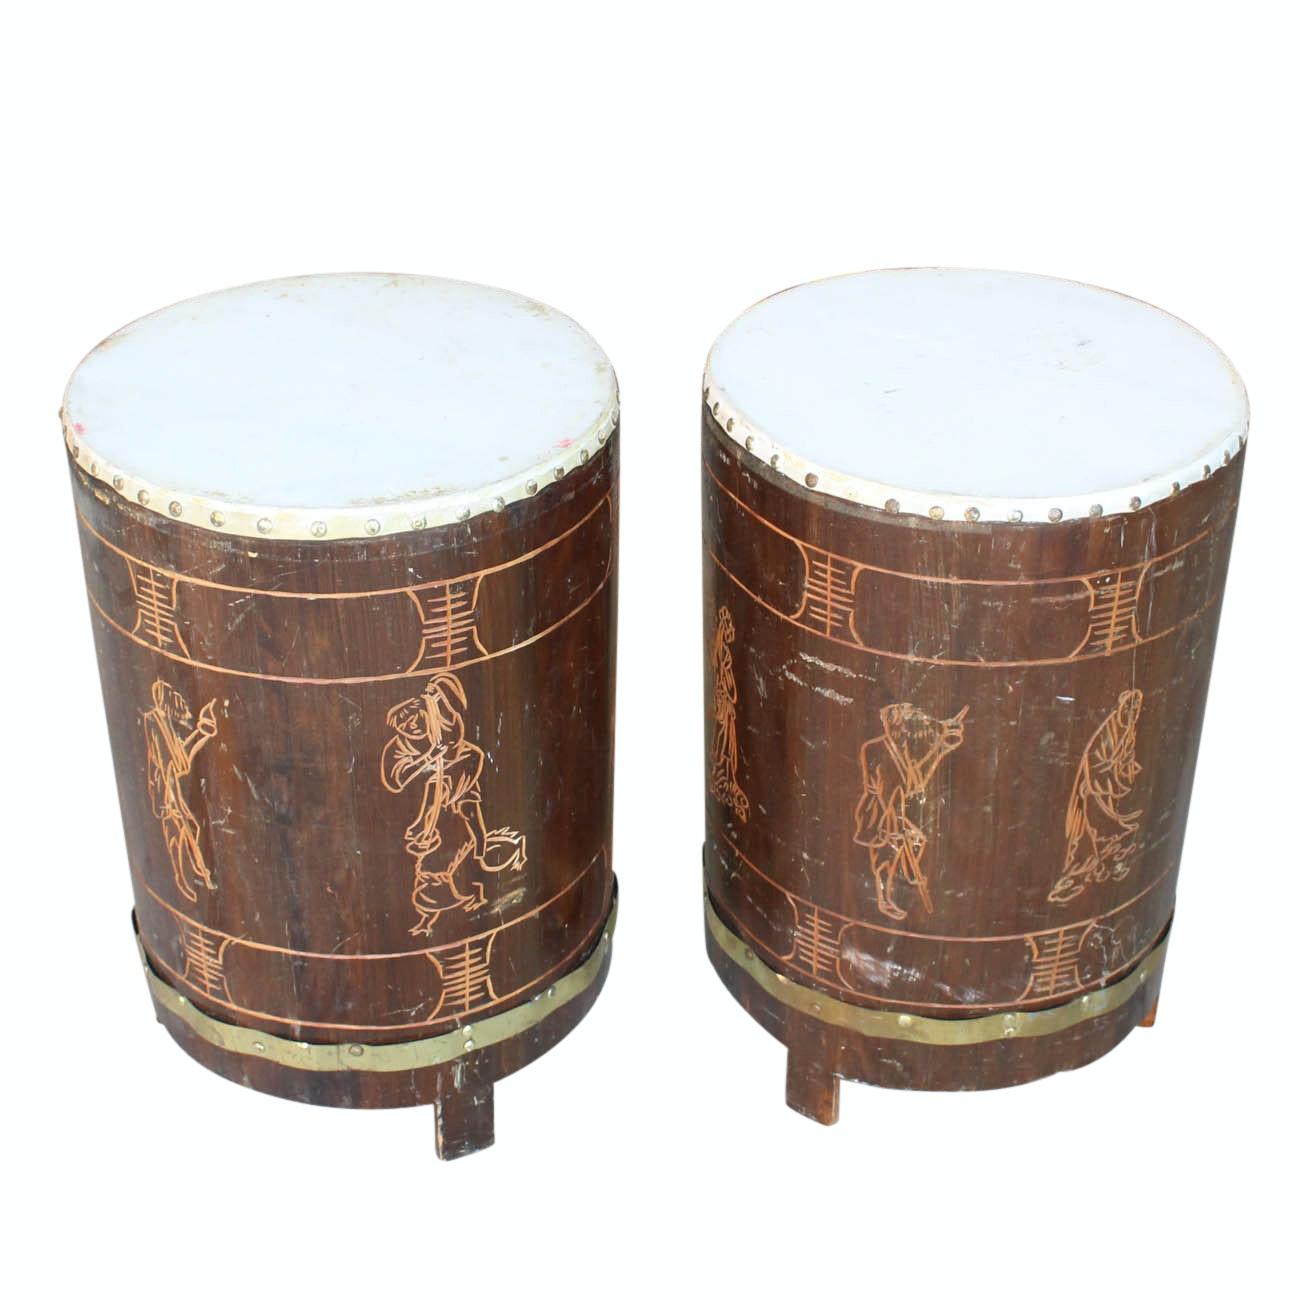 Pair of Carved Wood Drums